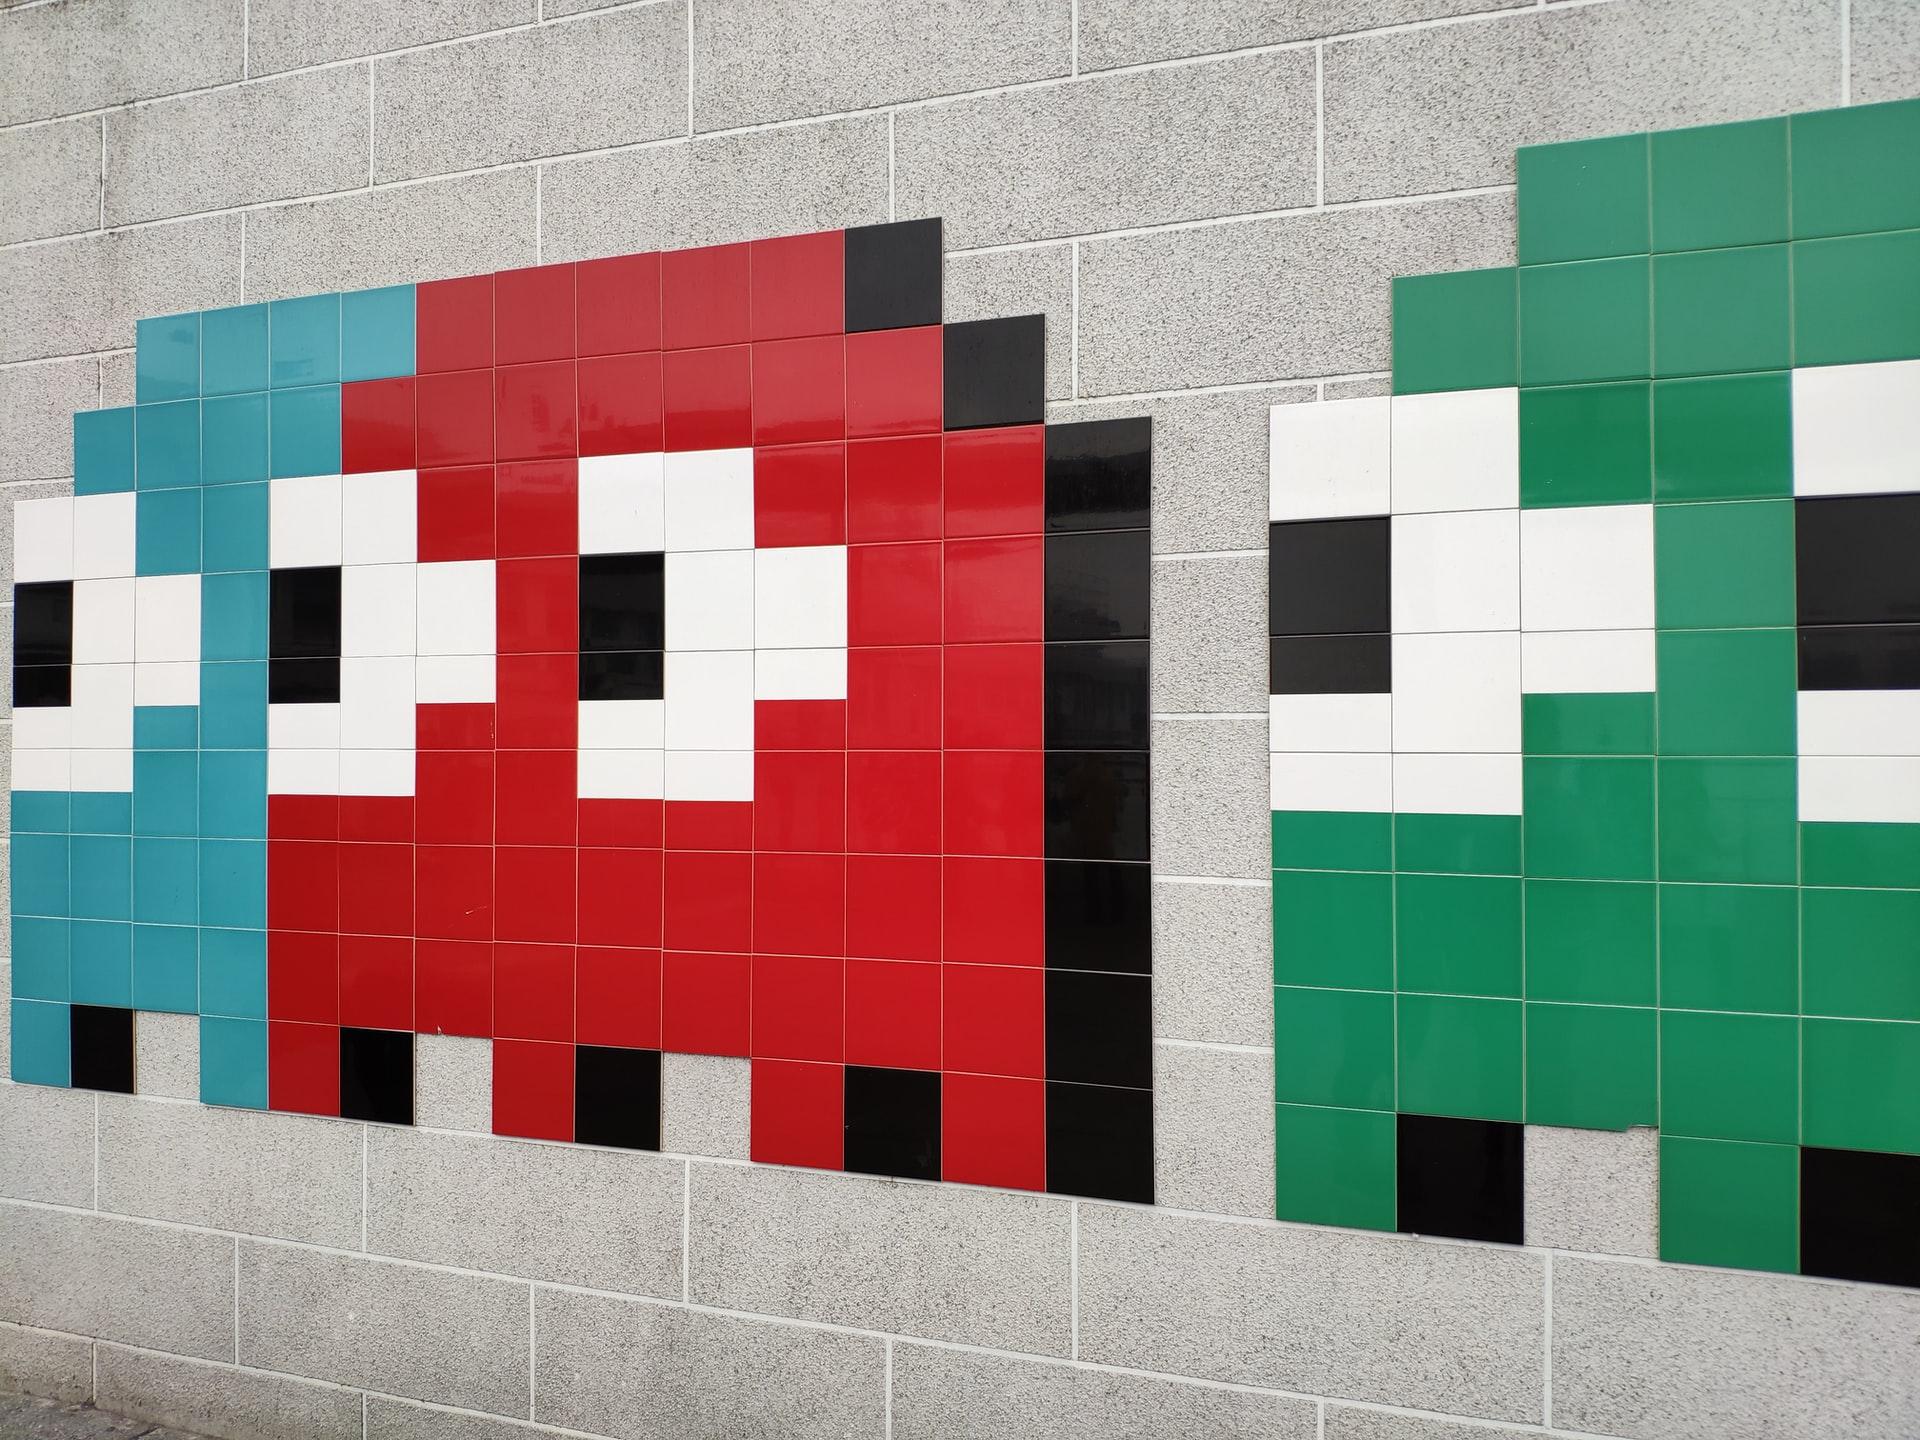 Minecraft unsplash